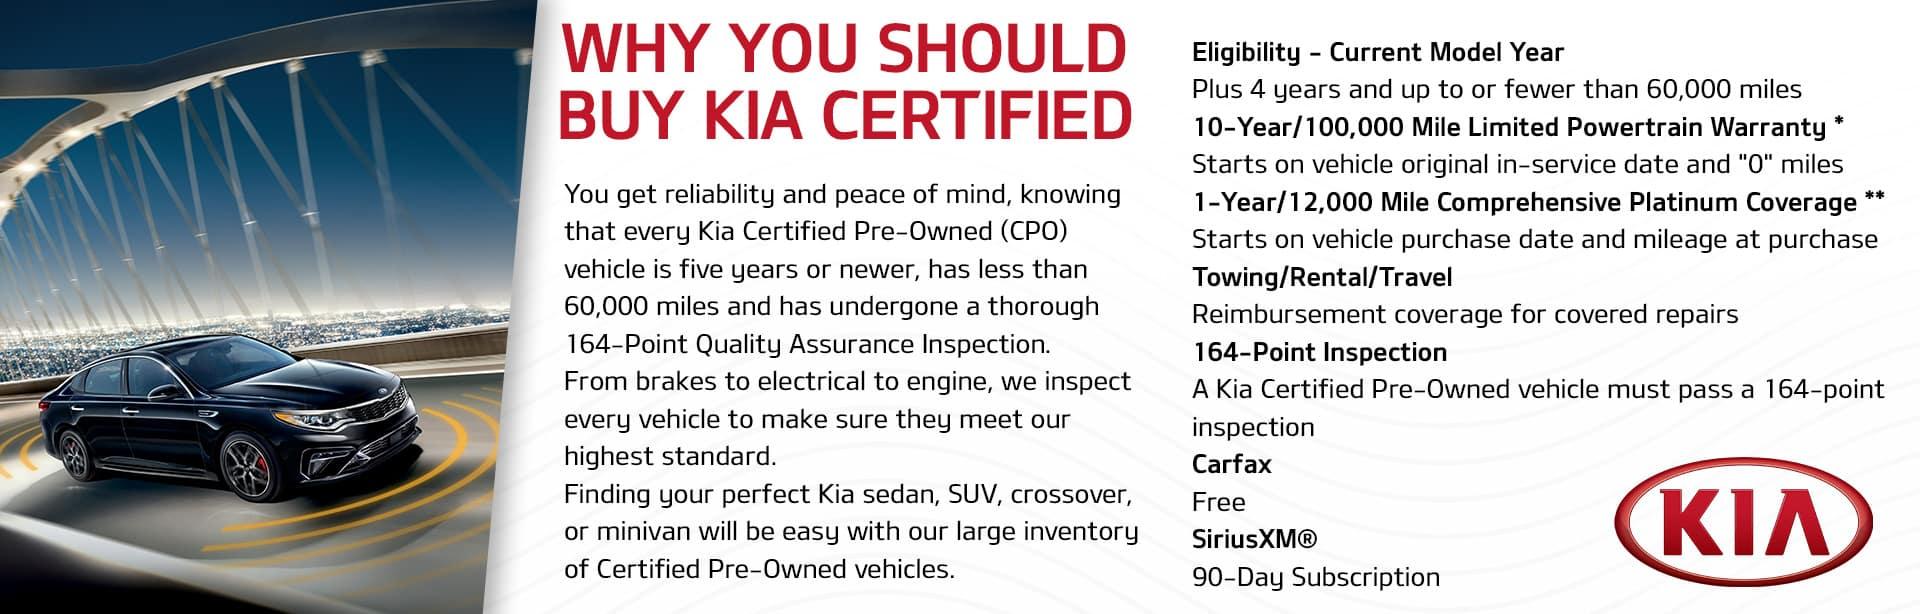 EK 421 certified